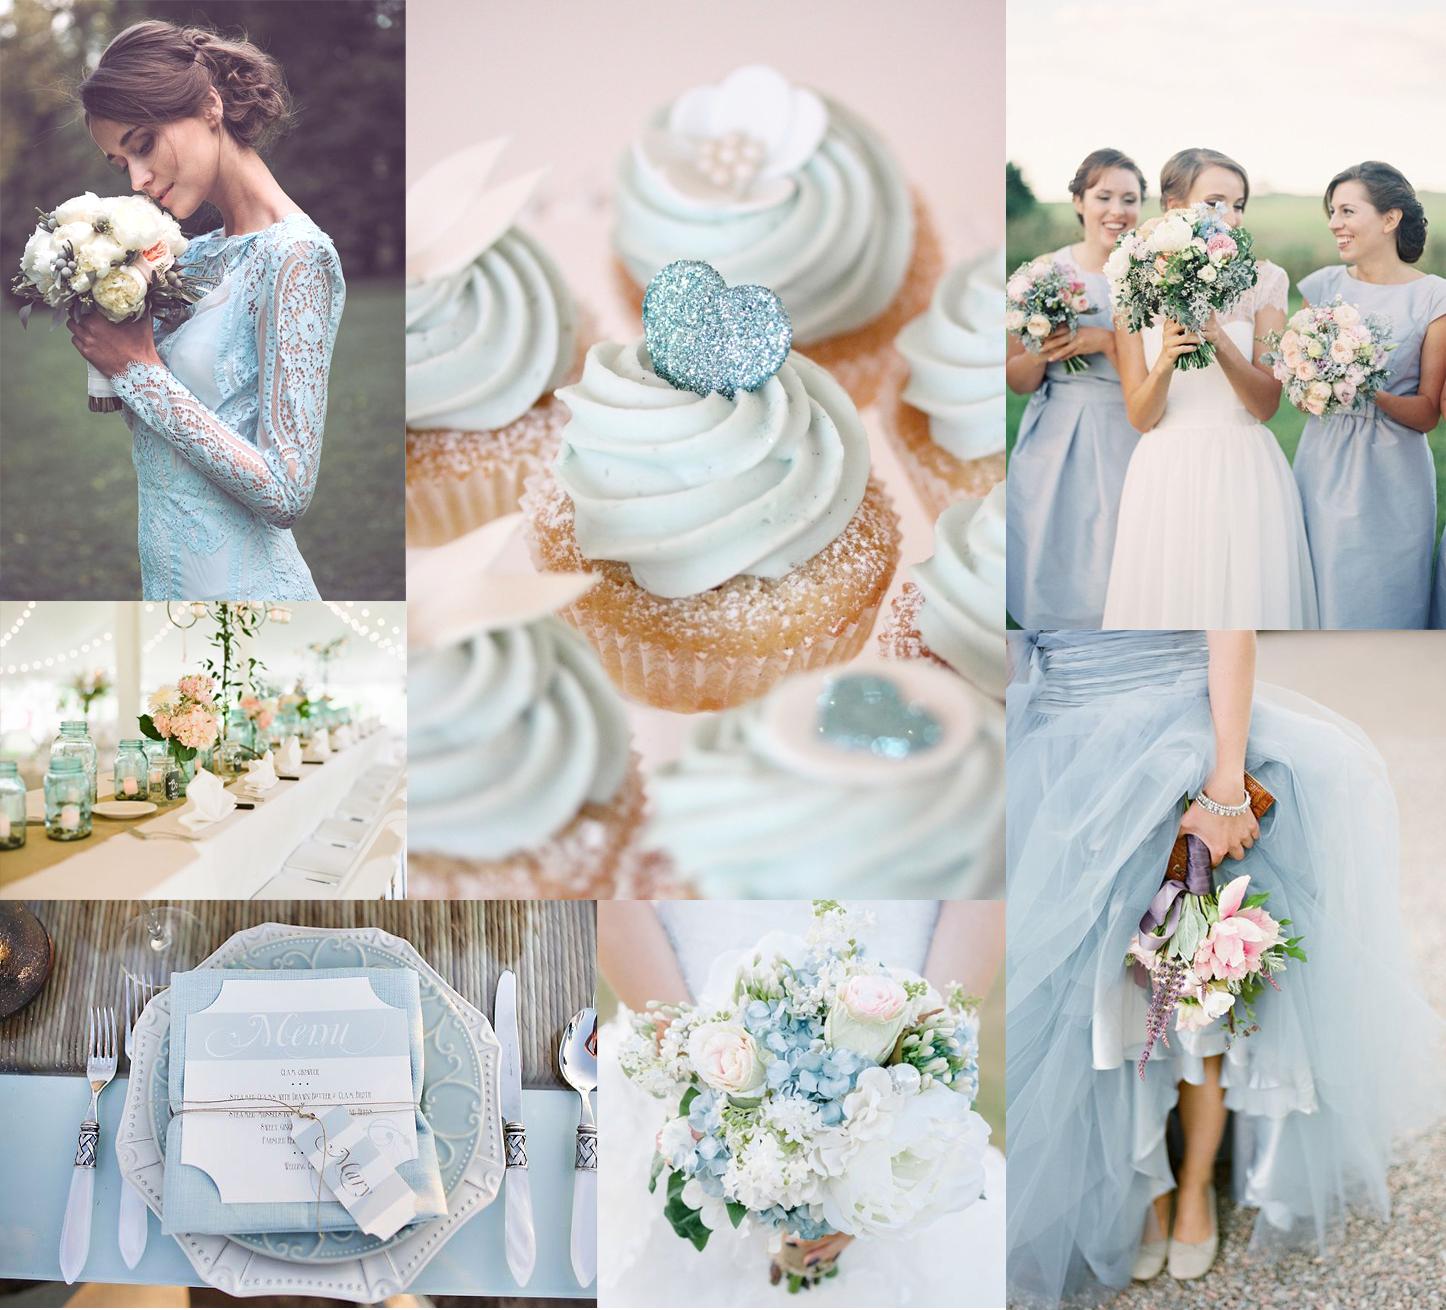 Matrimonio Azzurro Xl : Colori e significati palette wedding dog sitter